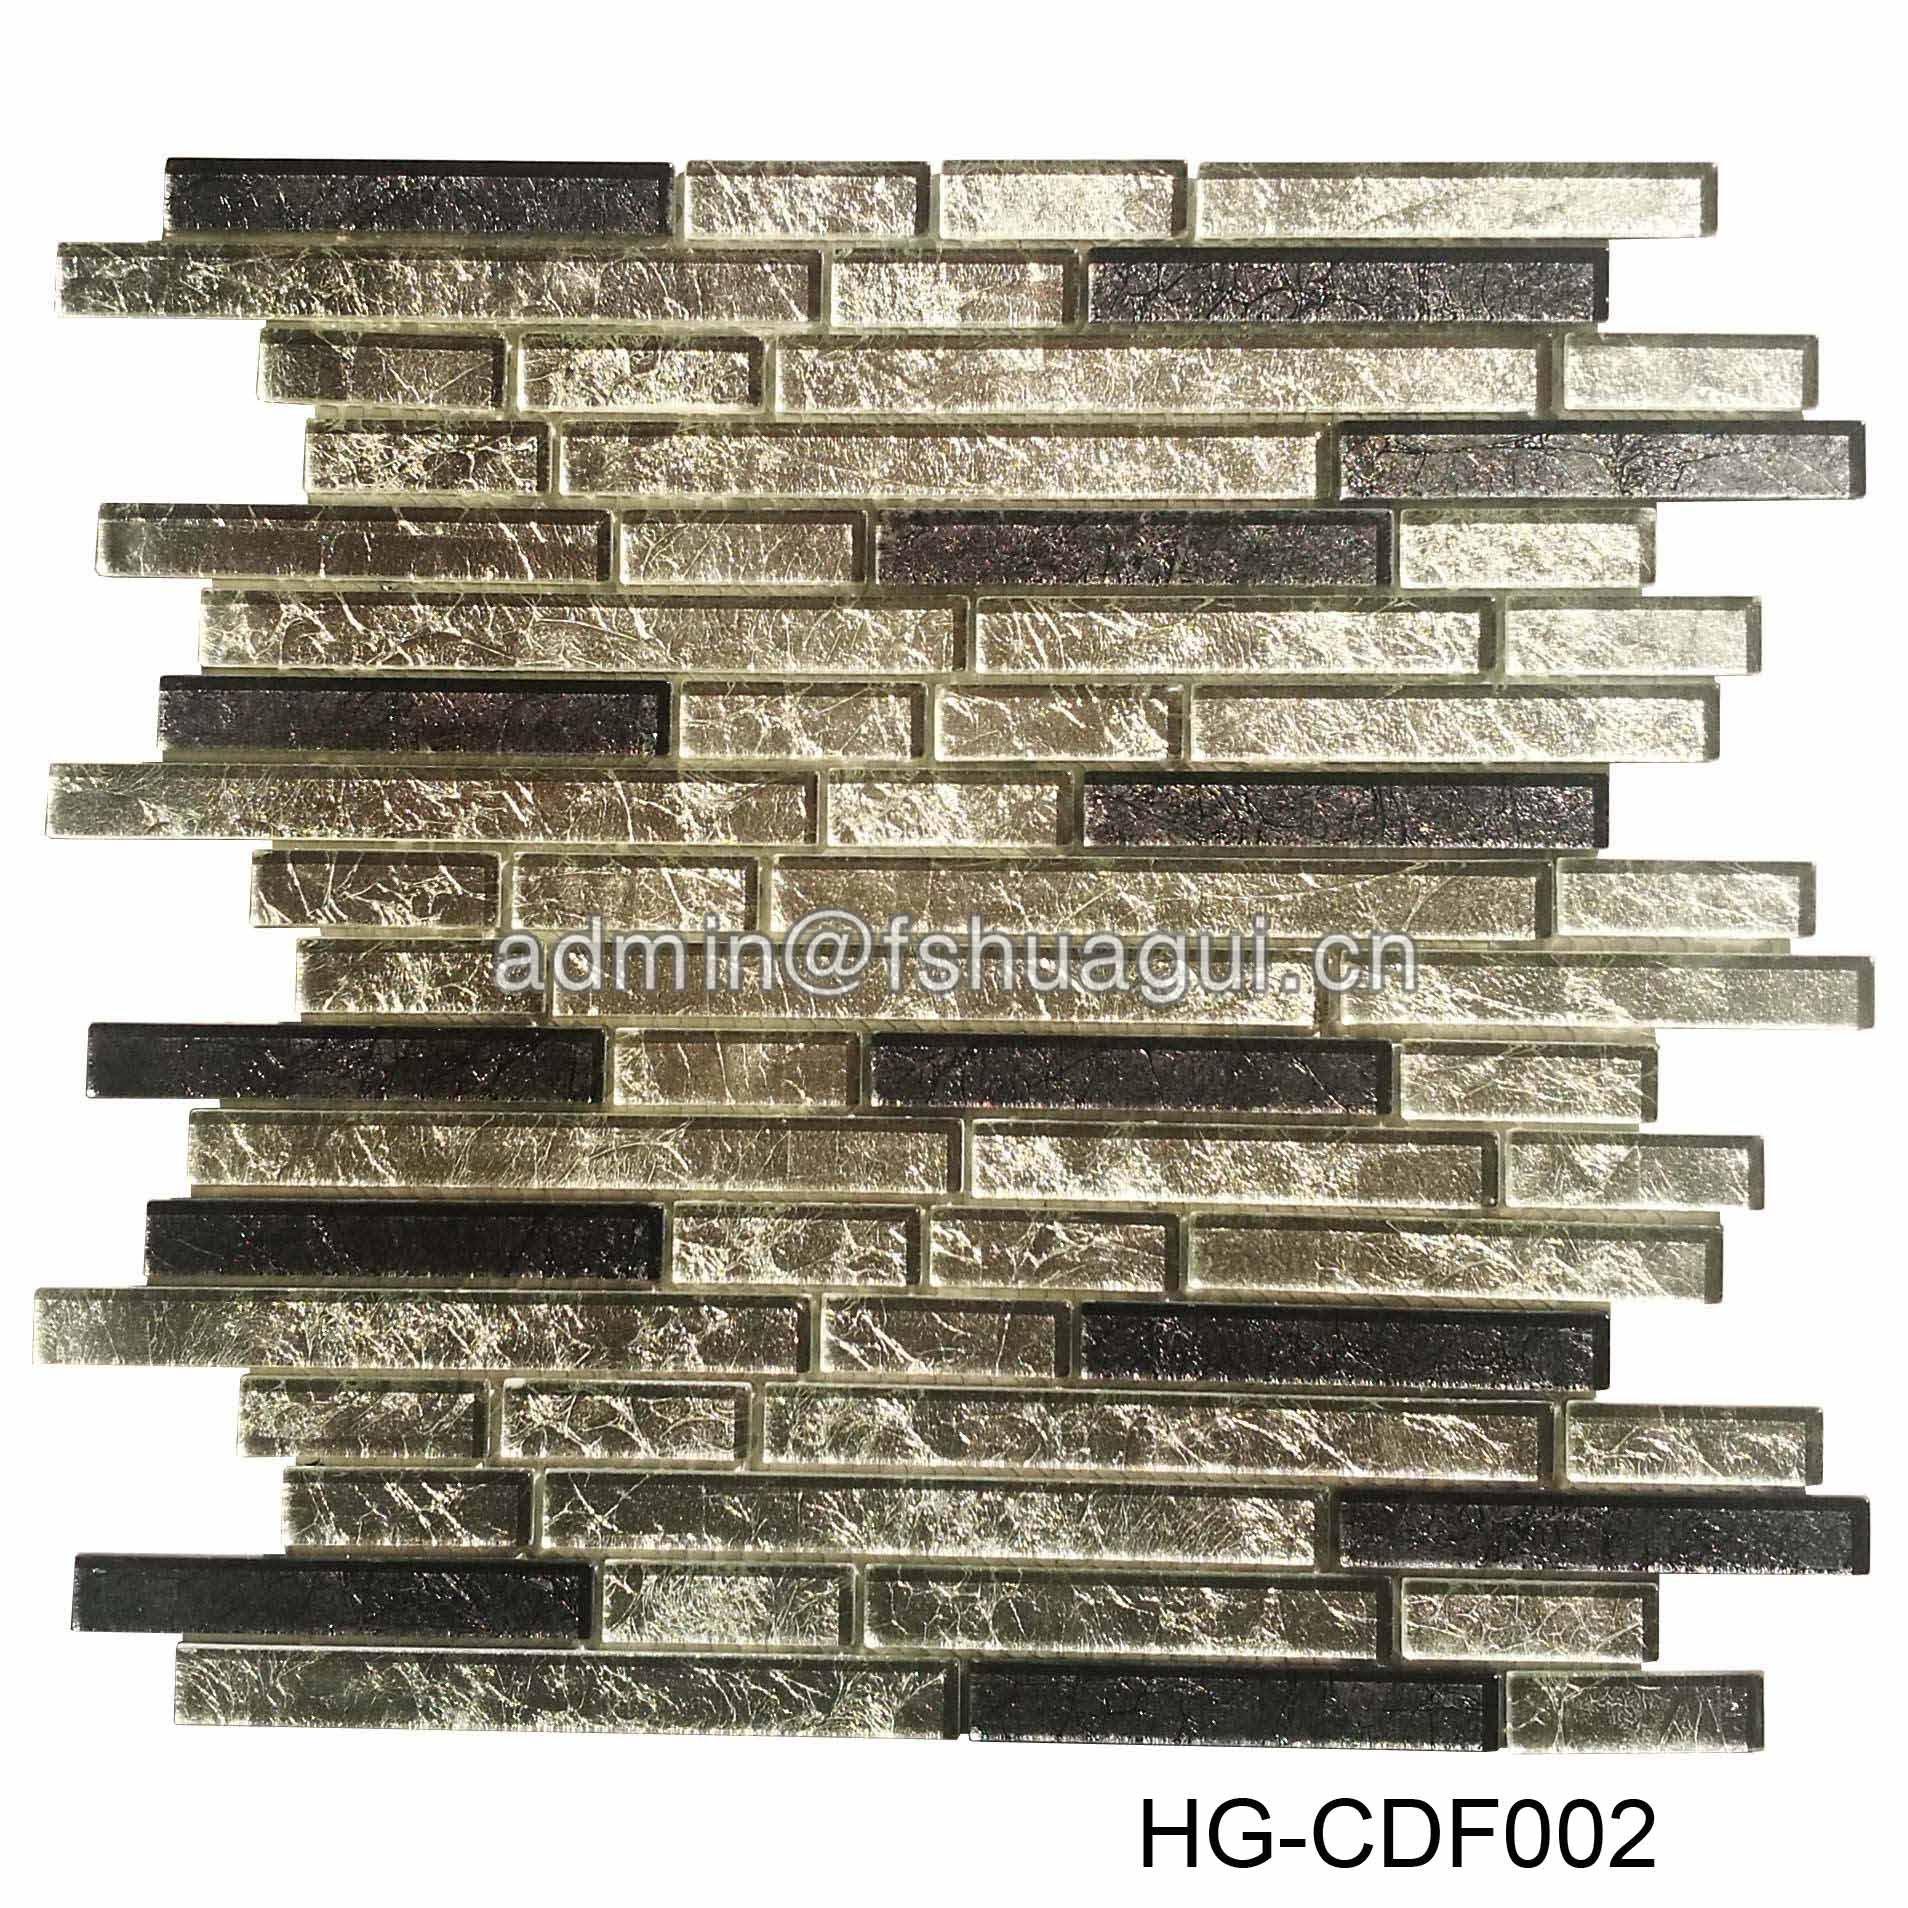 Unique gold foil strip kitchen backsplash glass mosaic wall tile